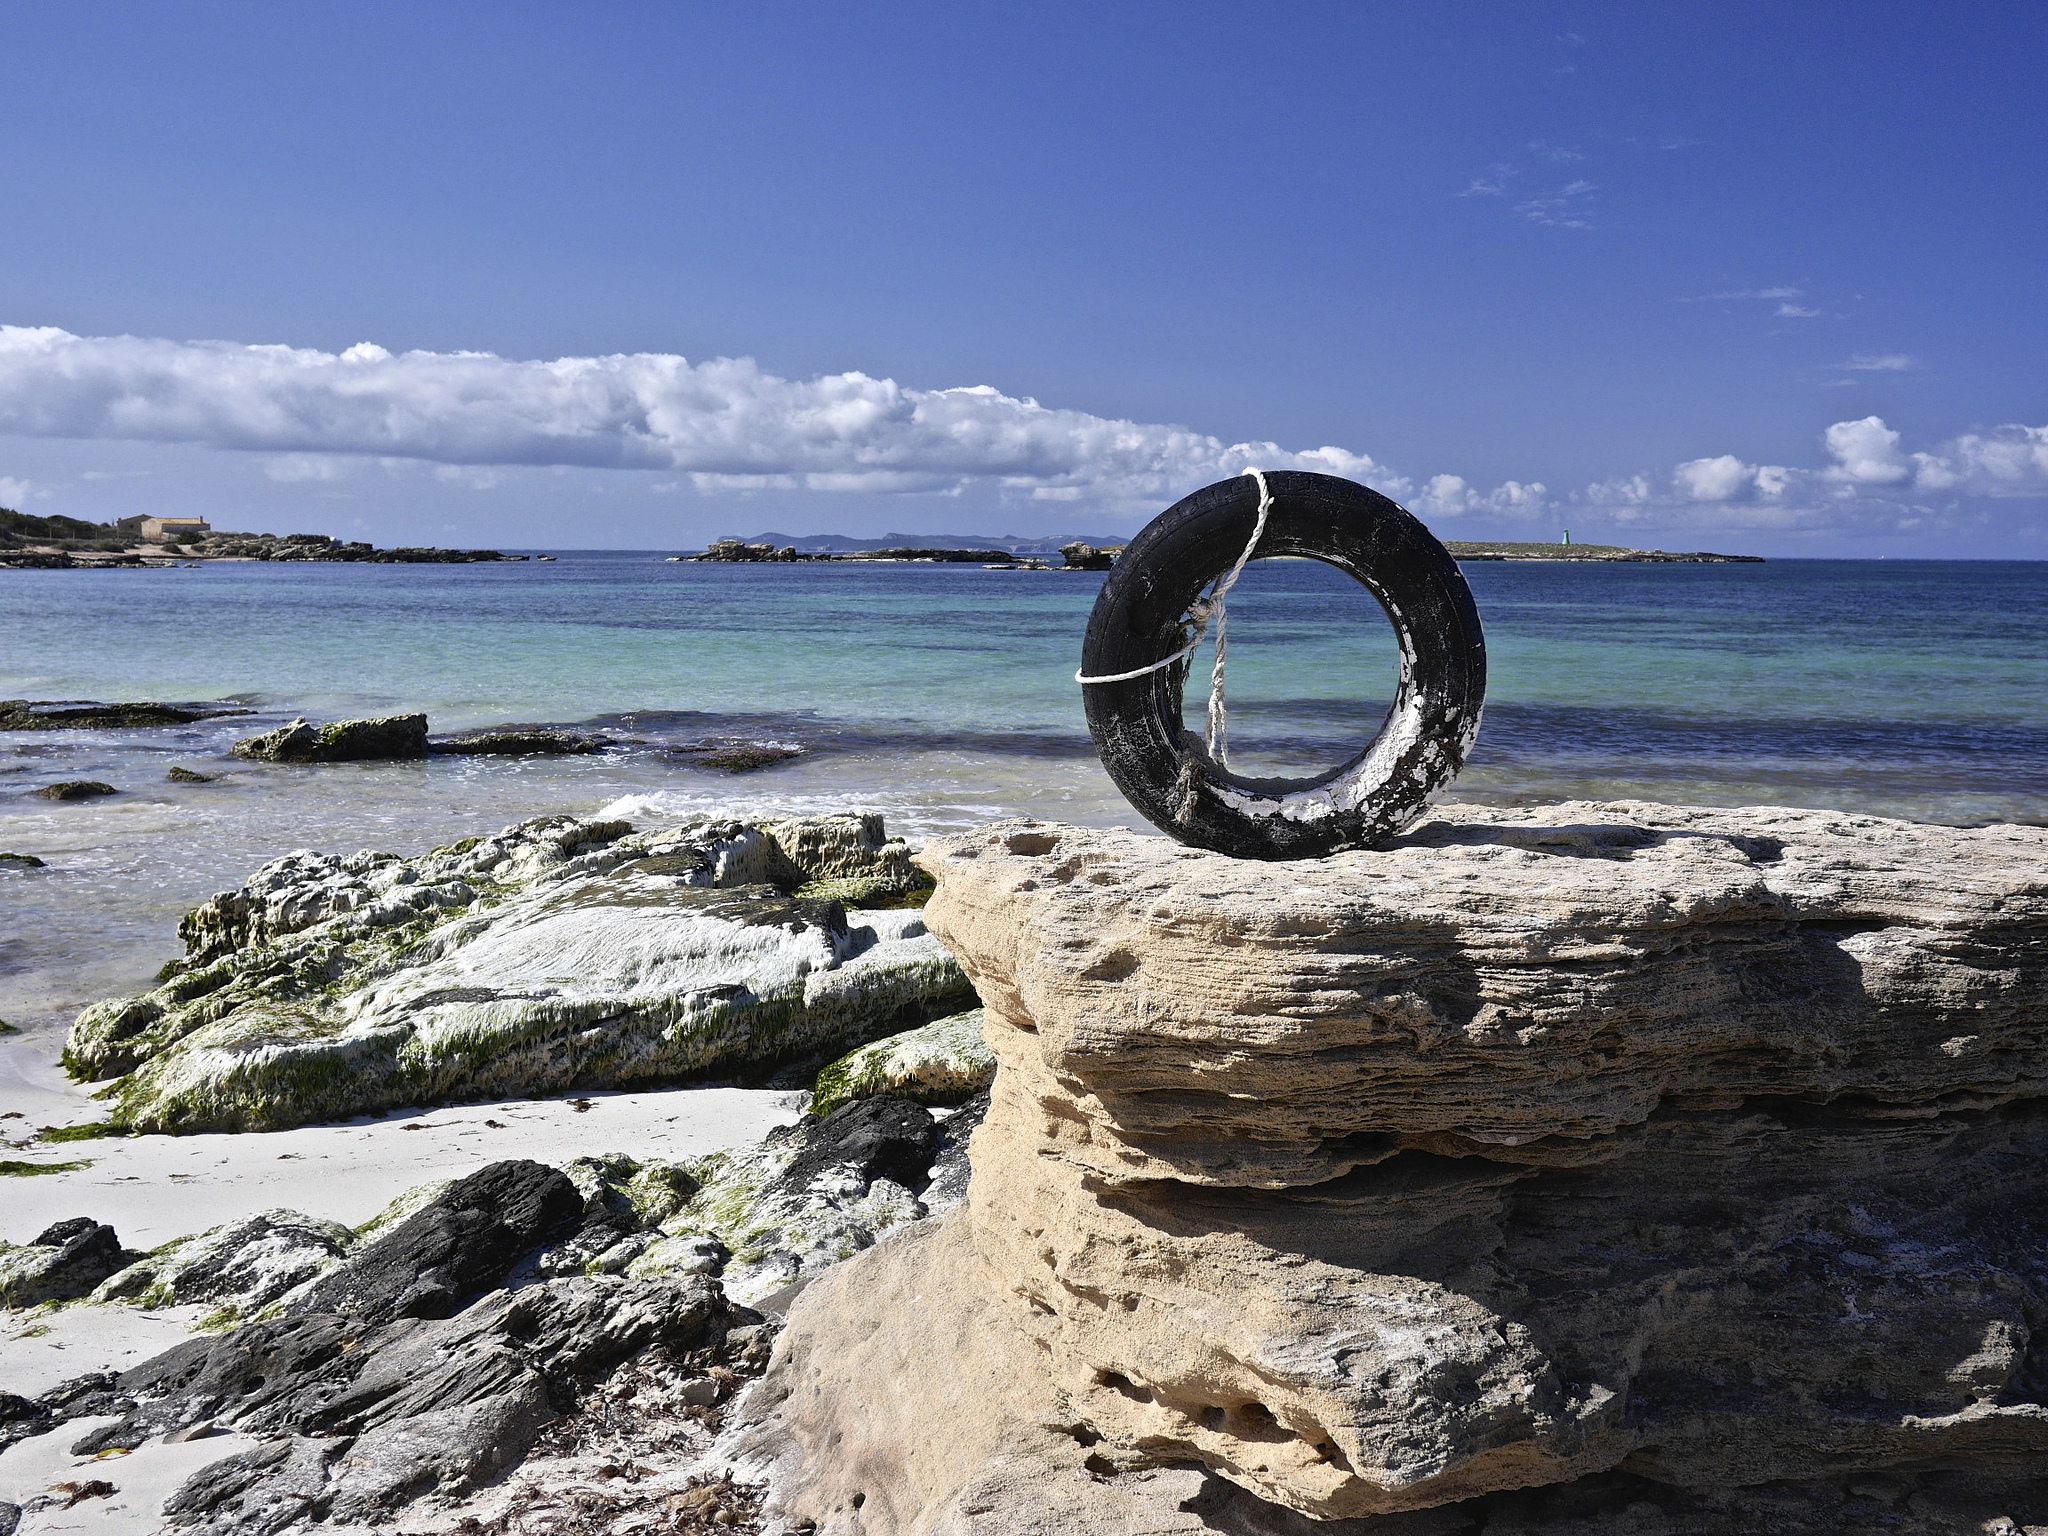 Остров Майорка, Испания: интересные достопримечательности, как добраться, чем заняться, туристические лайфхаки